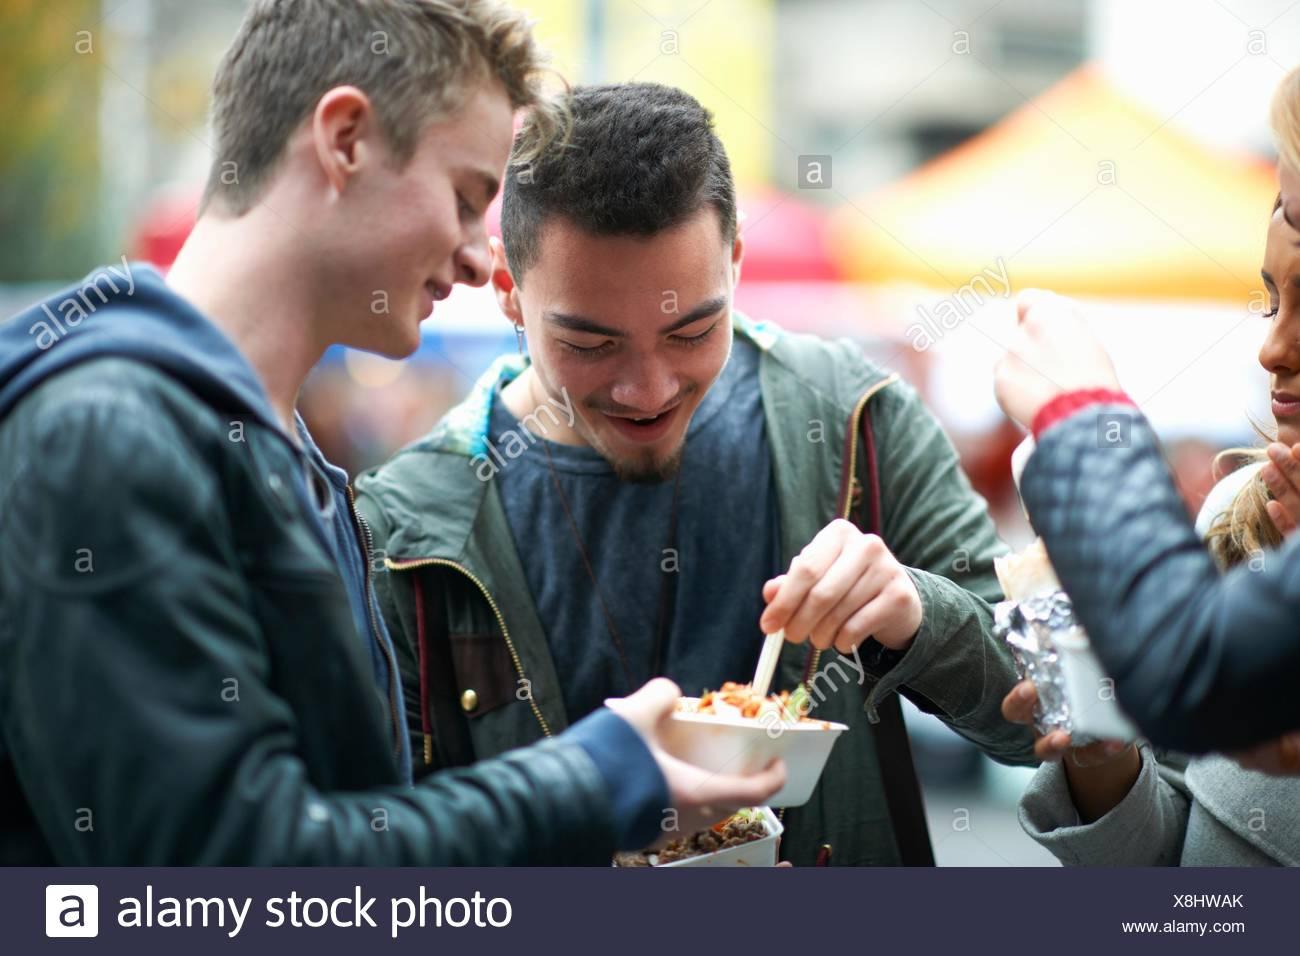 Grupo de jóvenes adultos de comer comida para llevar, al aire libre Imagen De Stock